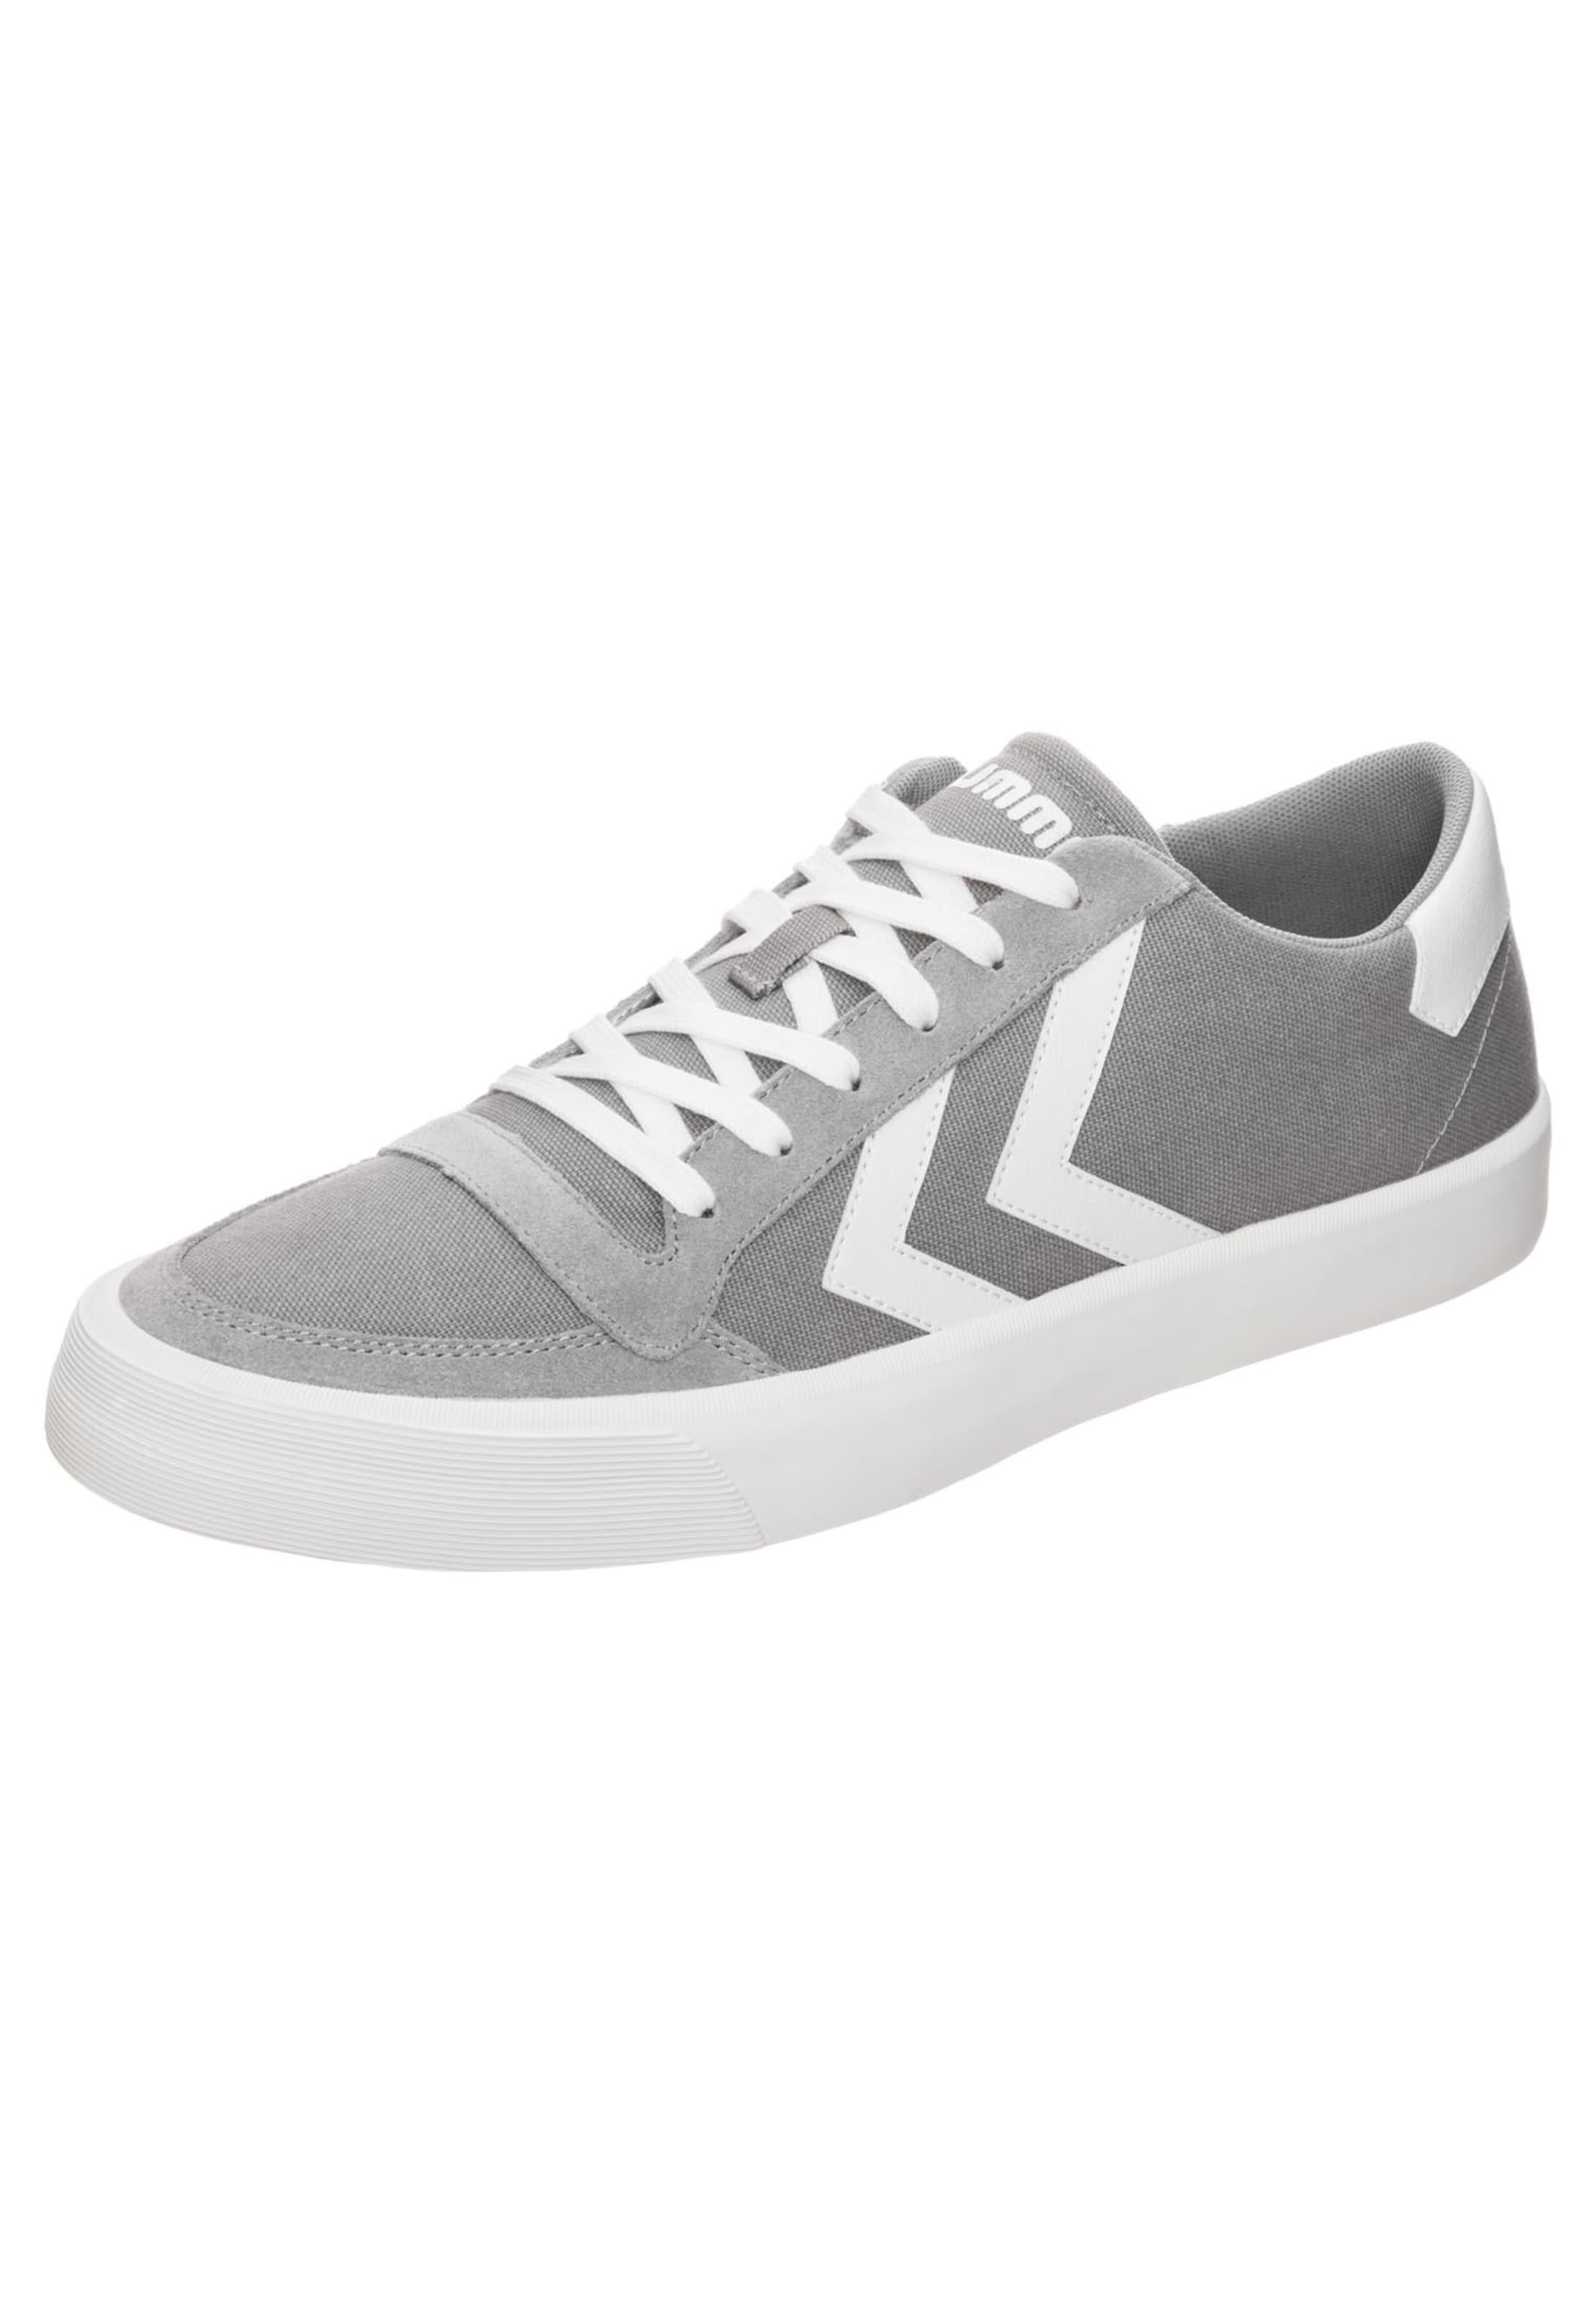 Hummel Stadil Sneaker Stadil Hummel RMX Low Hohe Qualität e7e8c1